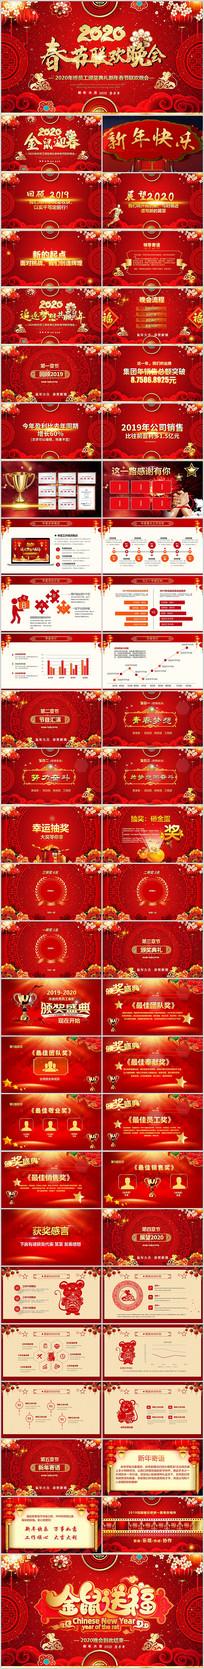 红色喜庆鼠年年会颁奖春节晚会ppt模板